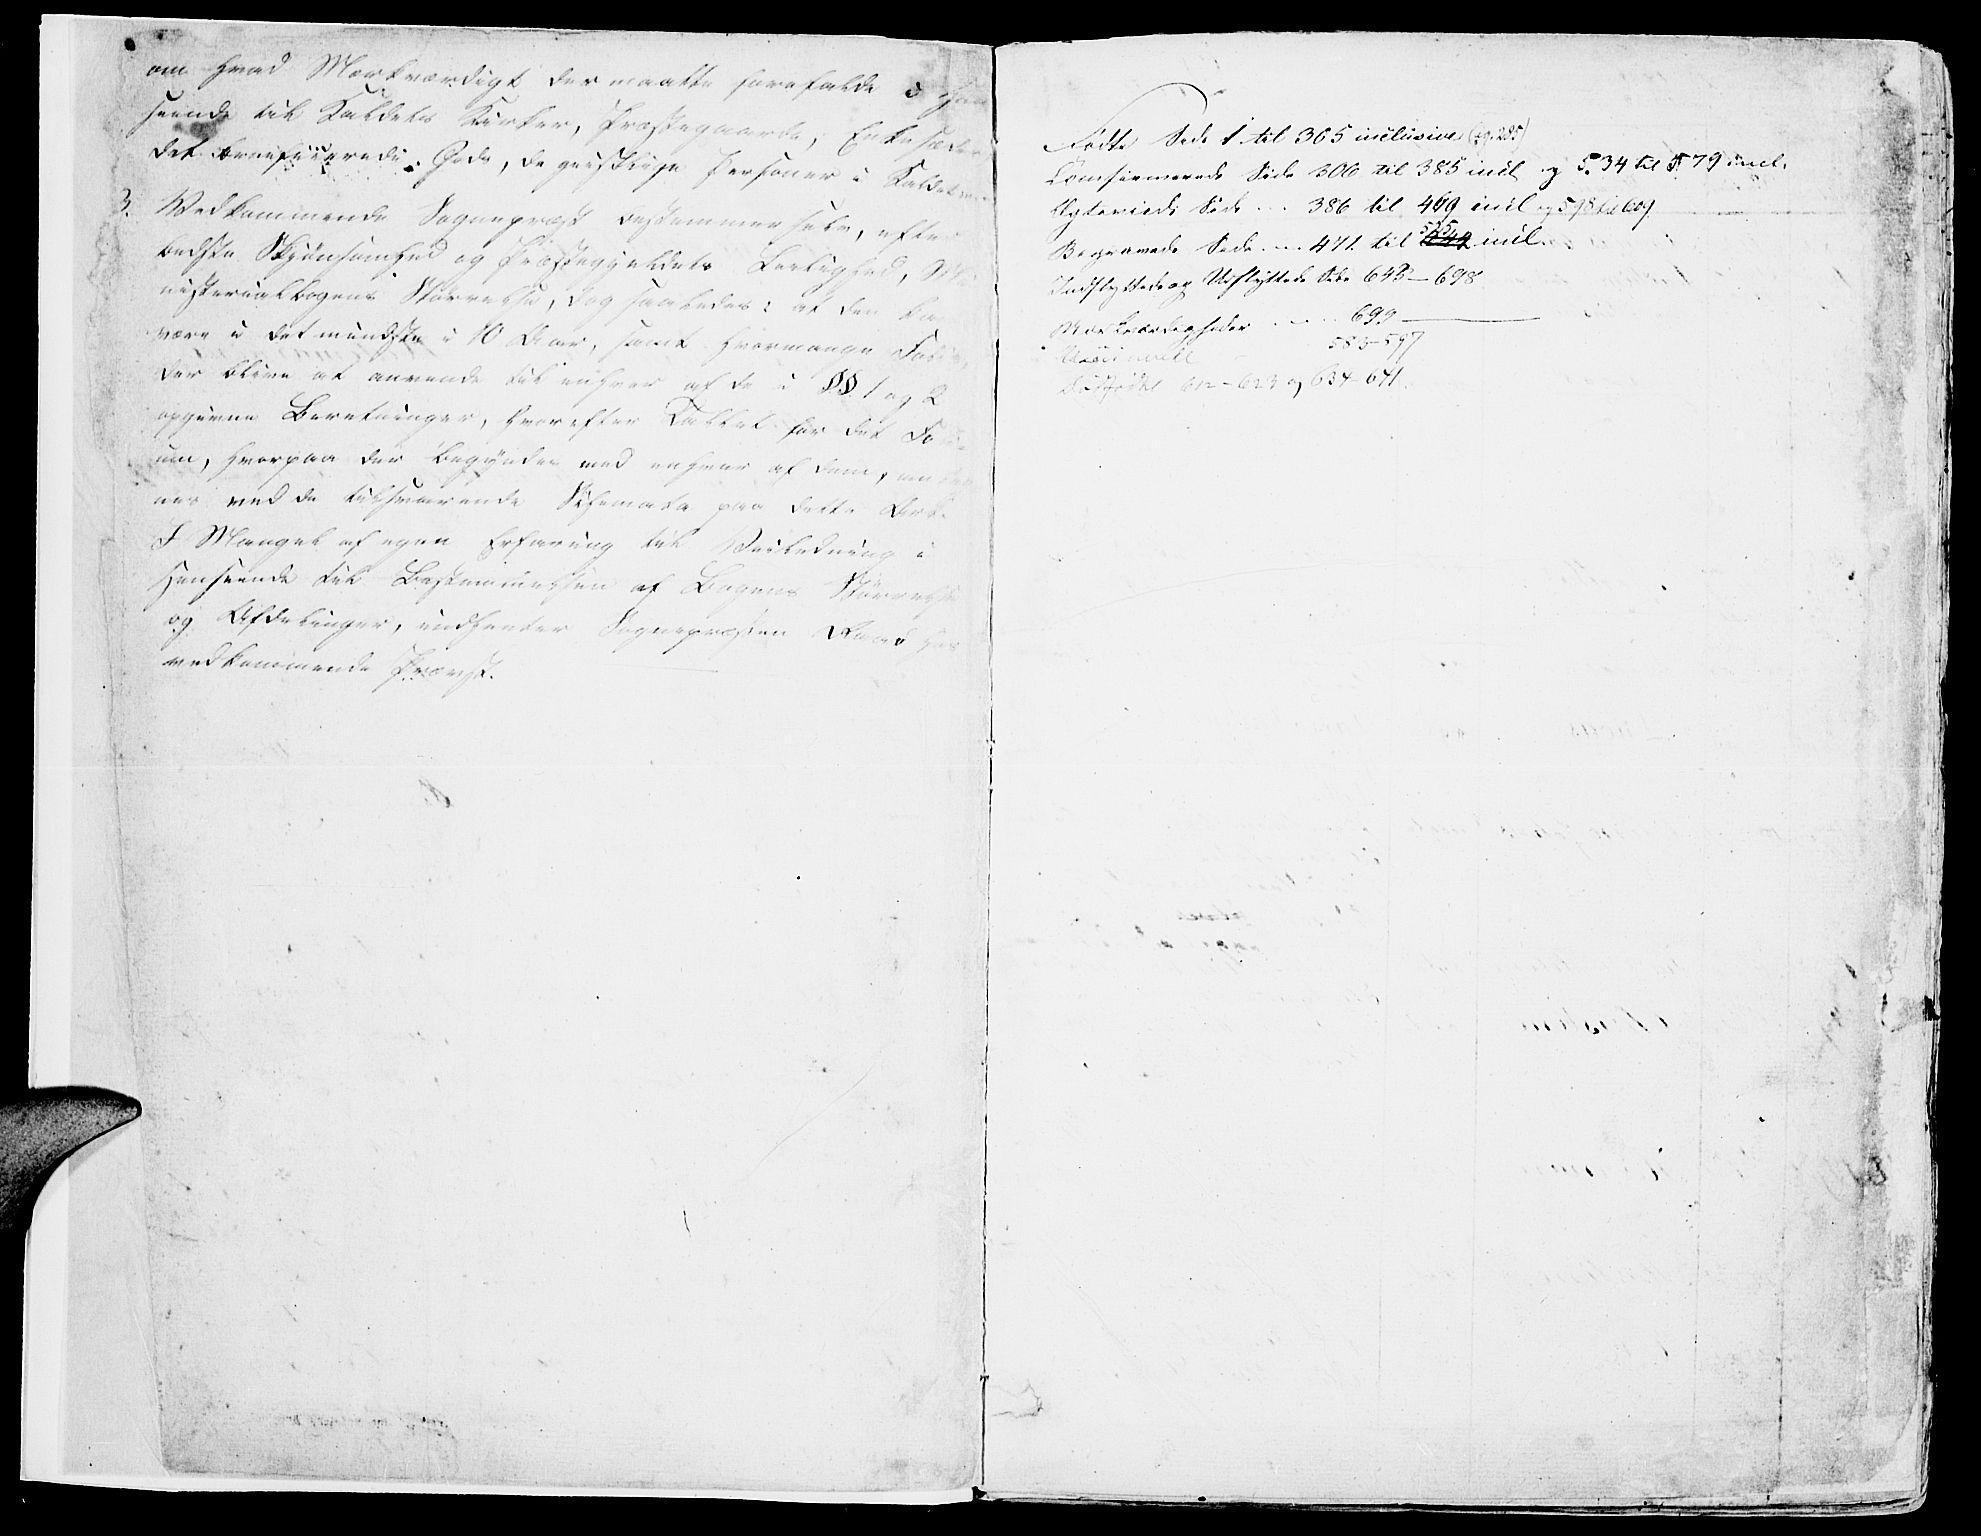 SAH, Løten prestekontor, K/Ka/L0006: Parish register (official) no. 6, 1832-1849